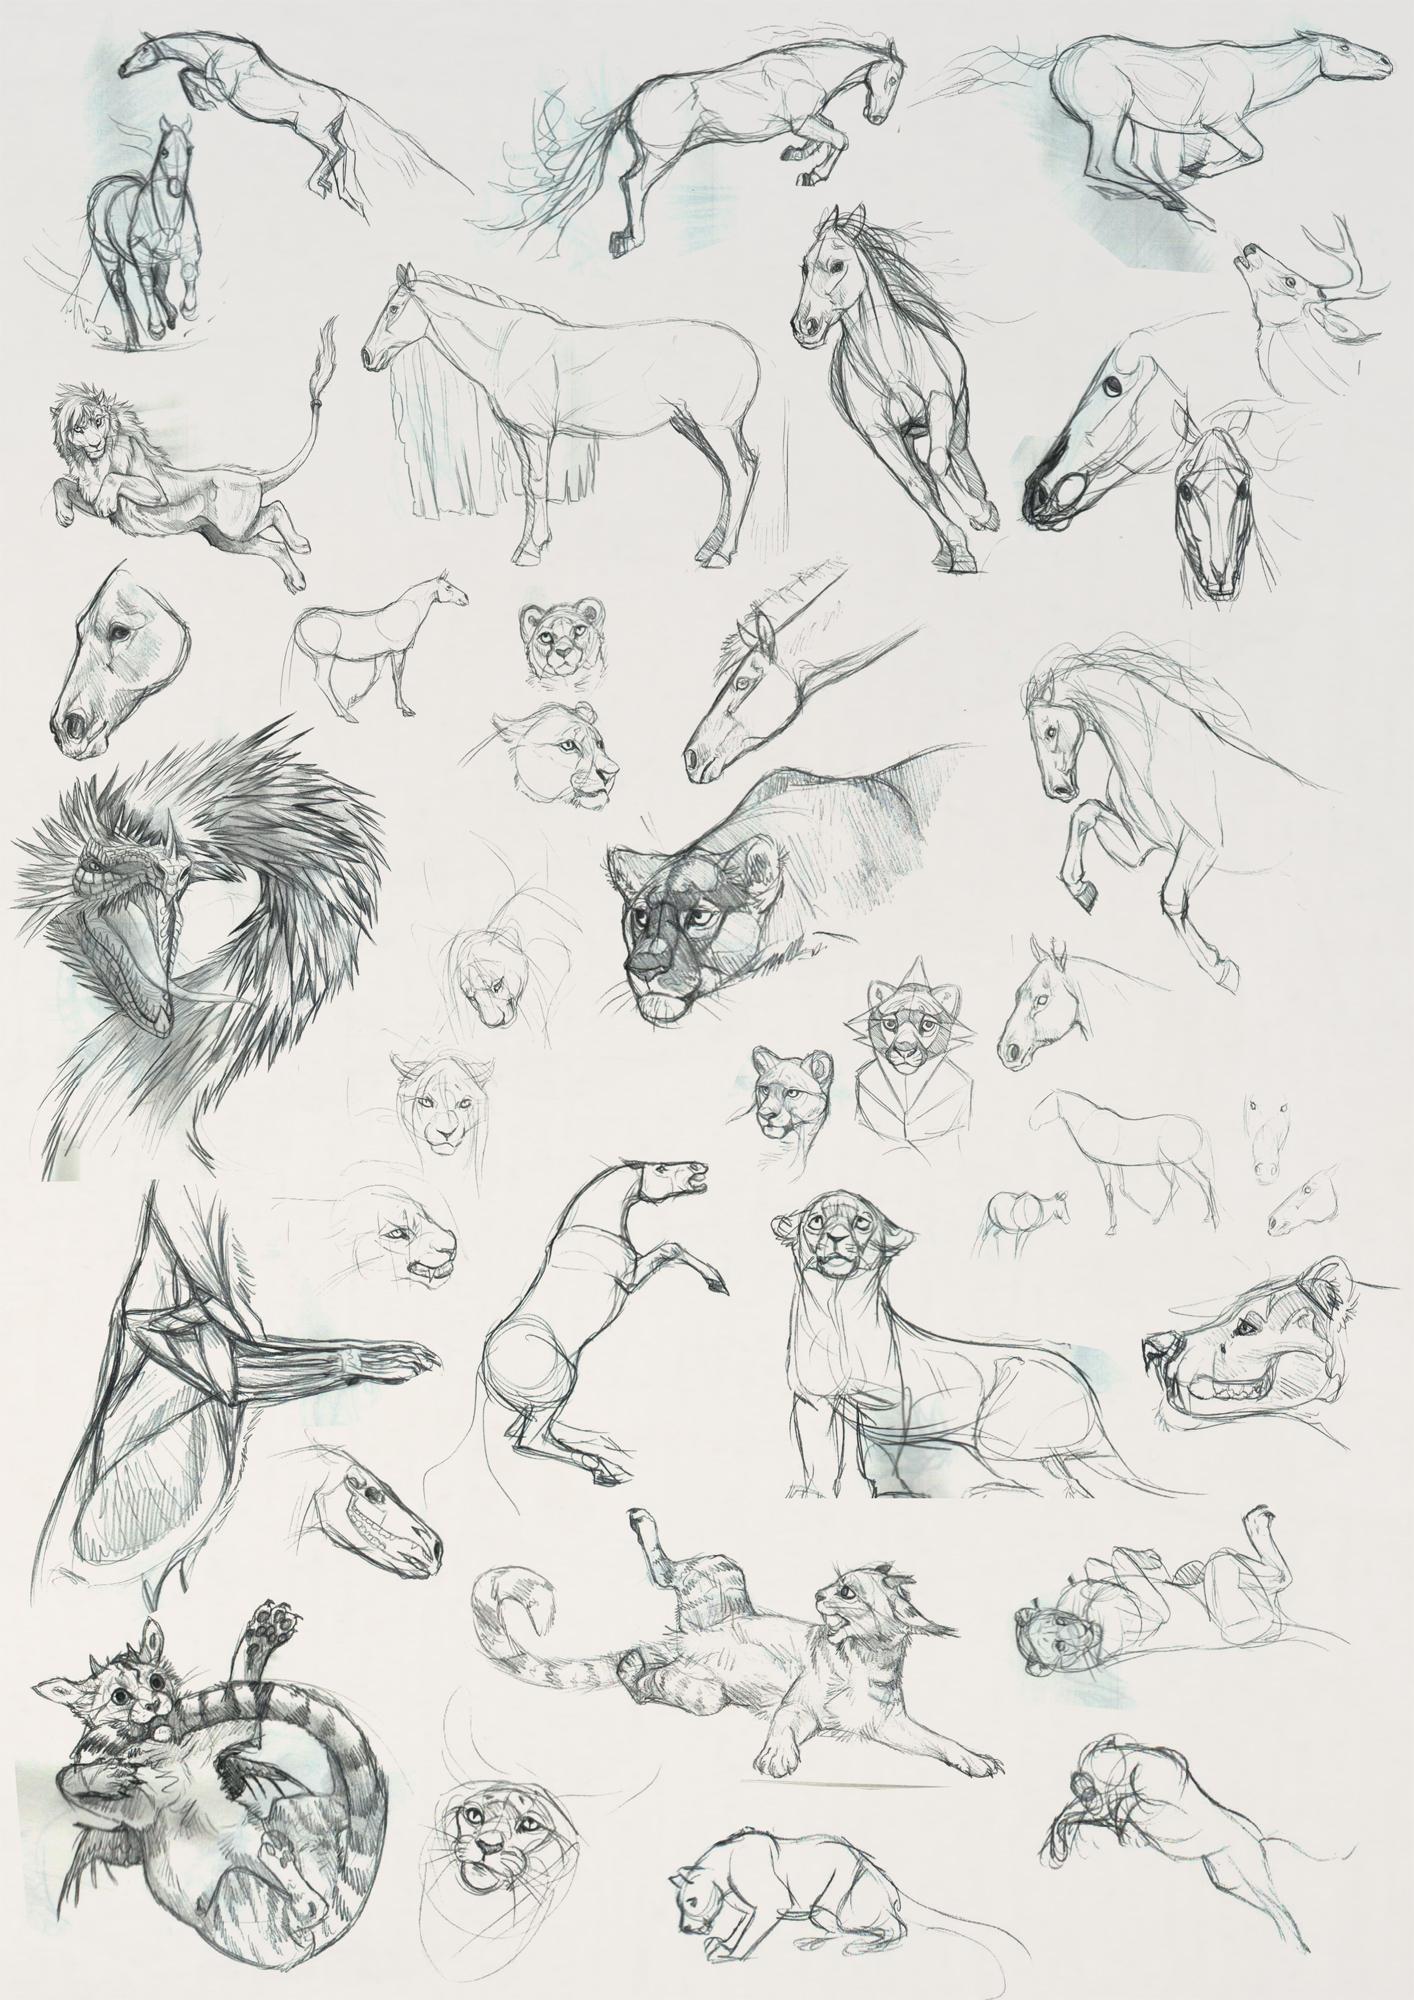 Sketchbook Dump 5 by NadiavanderDonk